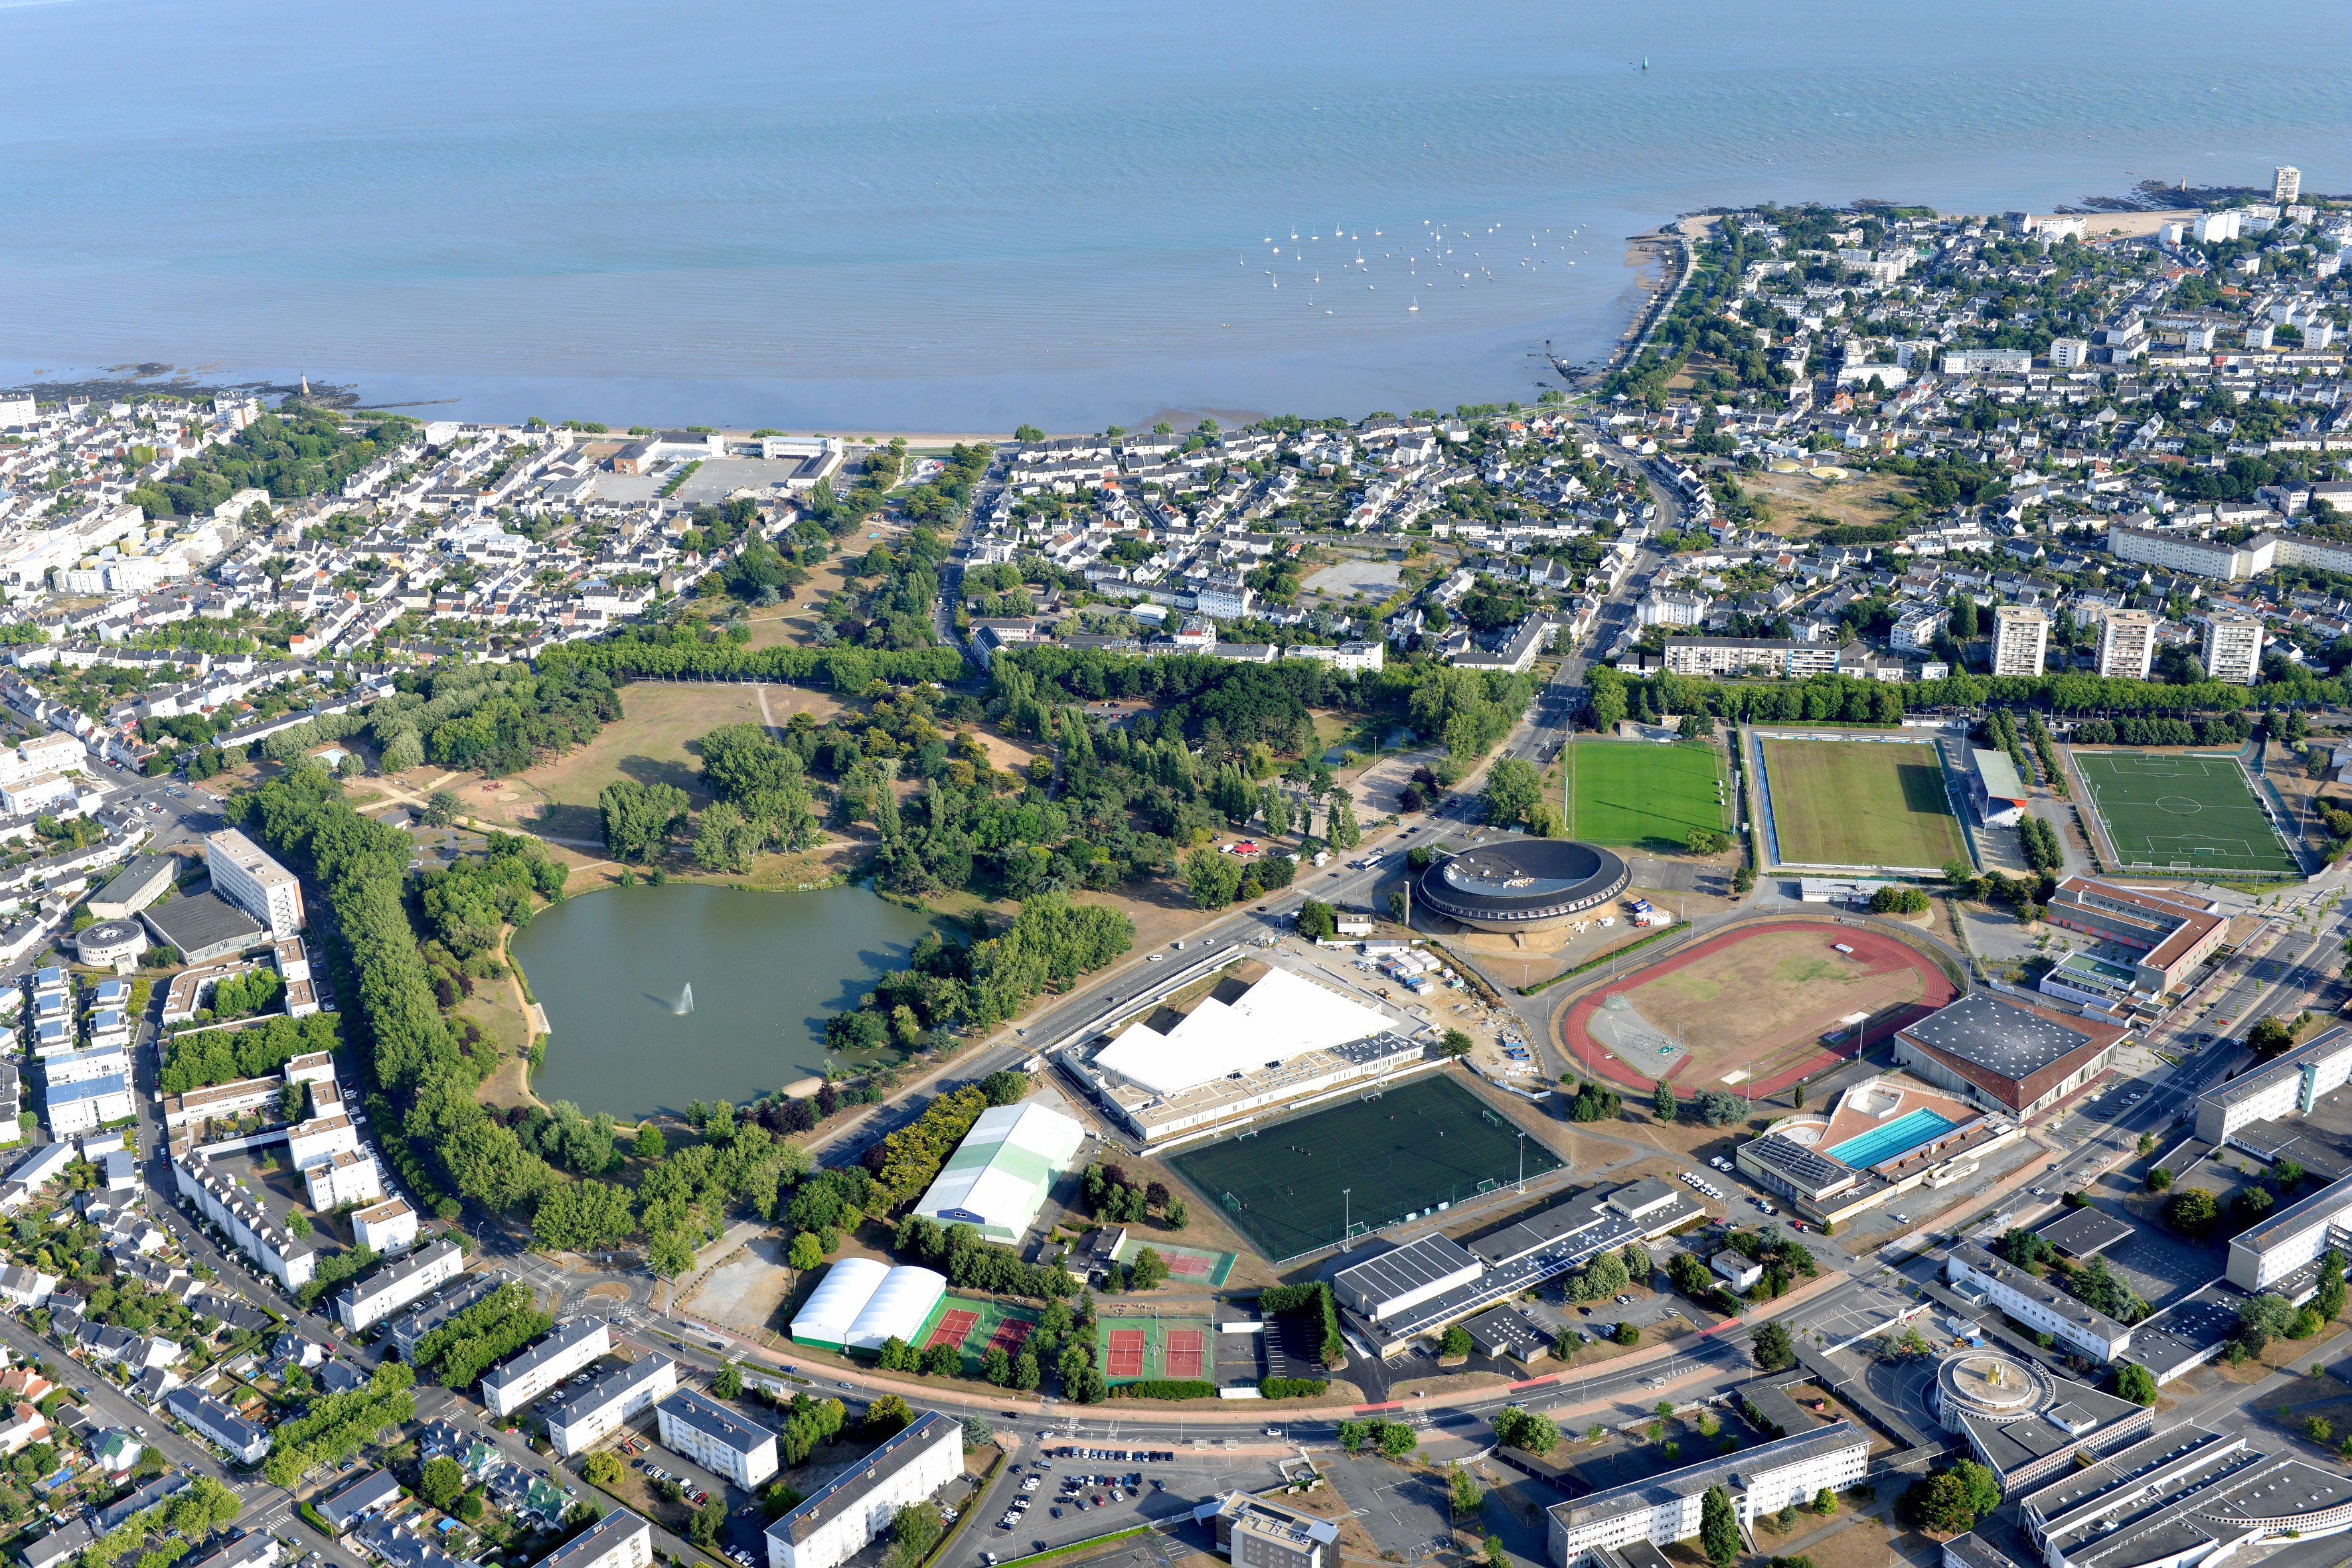 La plaine des sports de Saint-Nazaire. Crédit : Ville de Saint-Nazaire